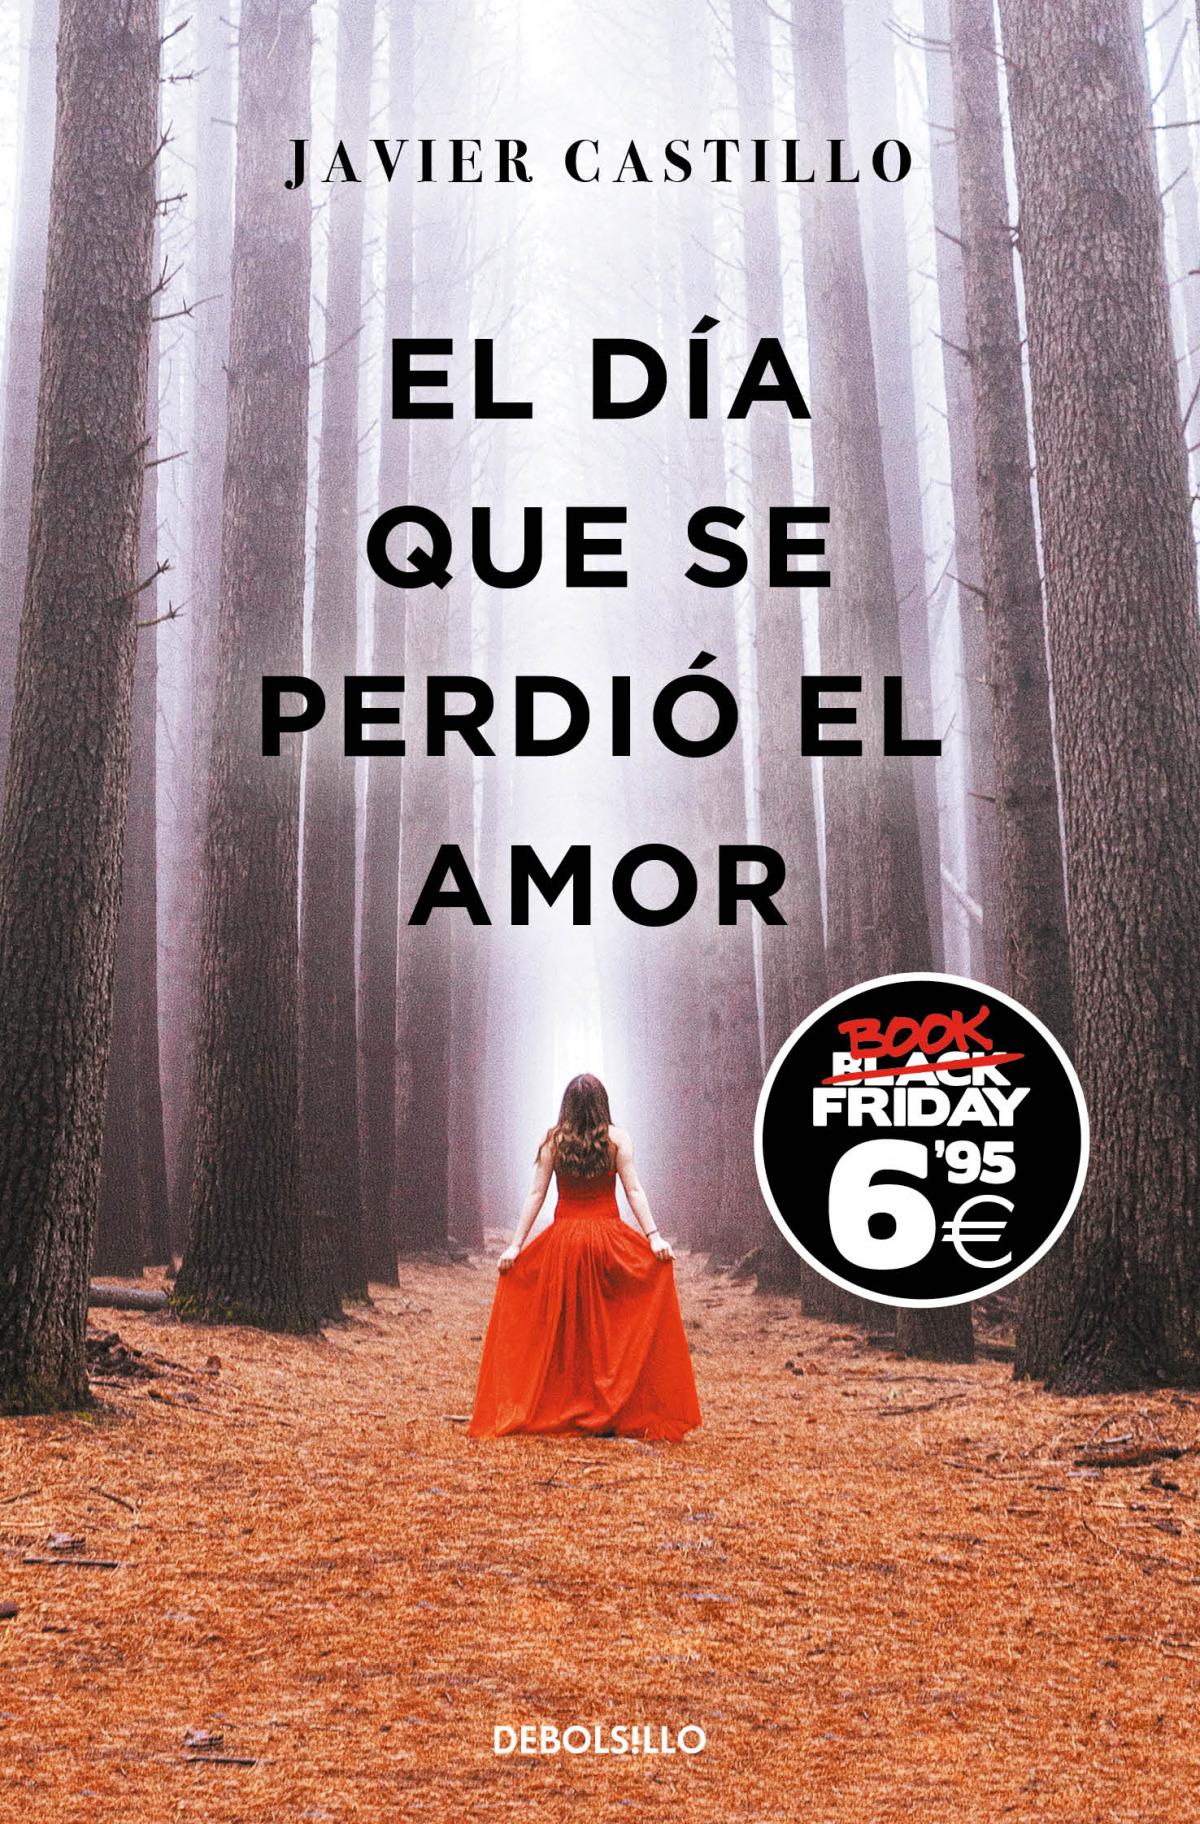 El día que se perdió el amor (edición Black Friday)